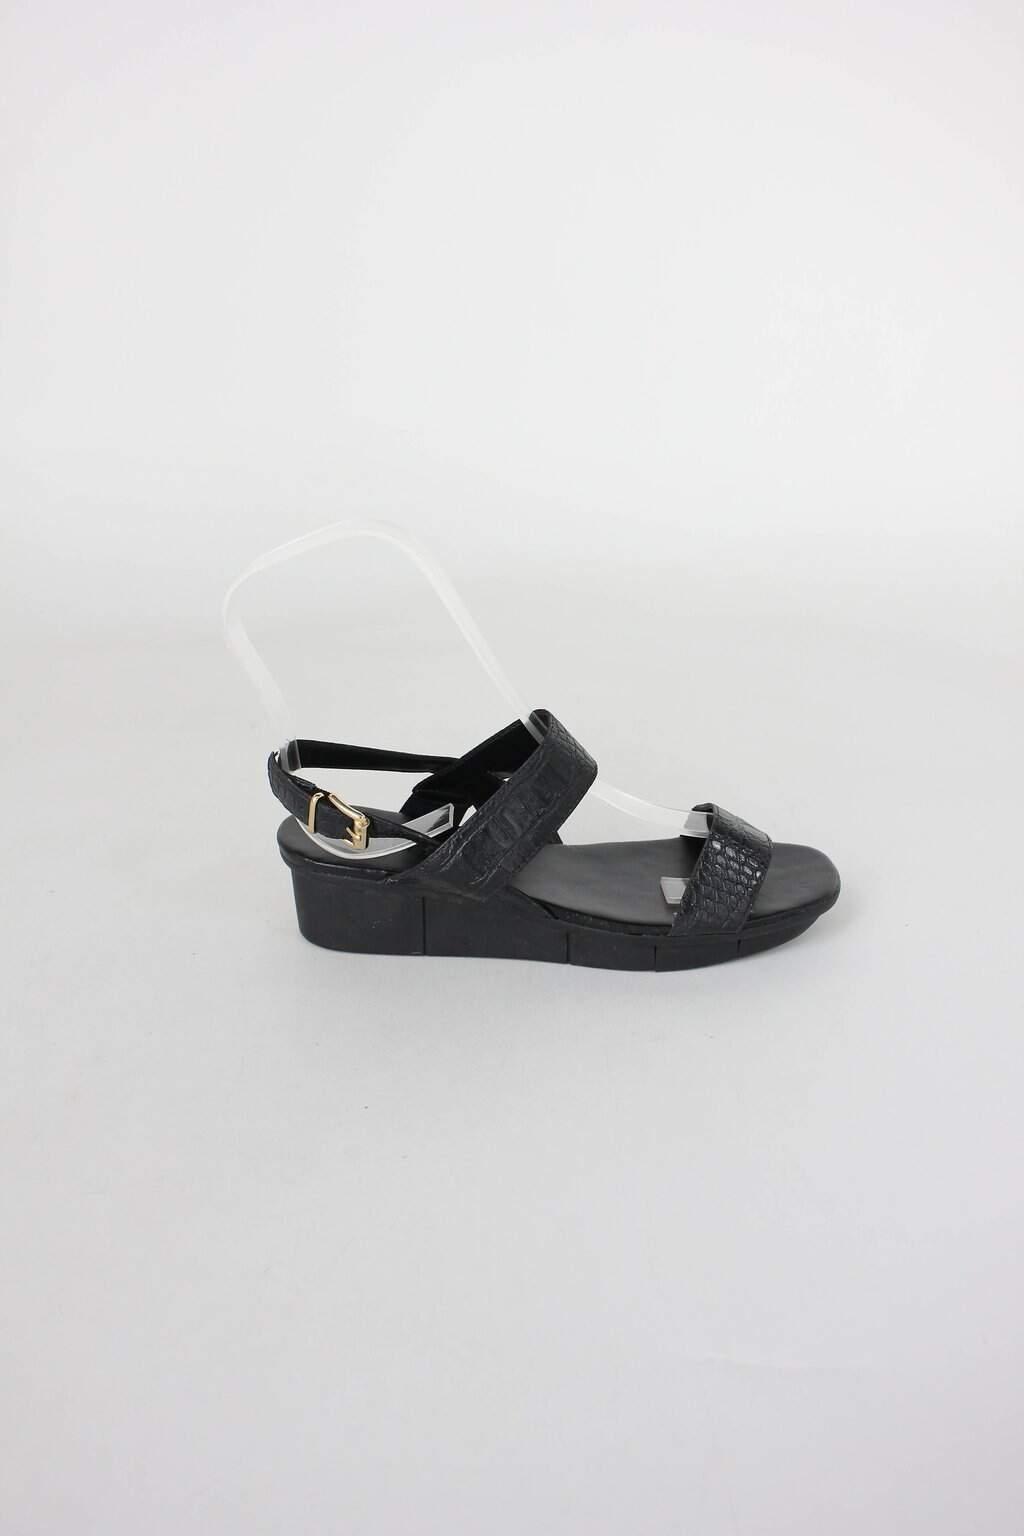 Sandalia Plataforma baixa arezzo feminina preta